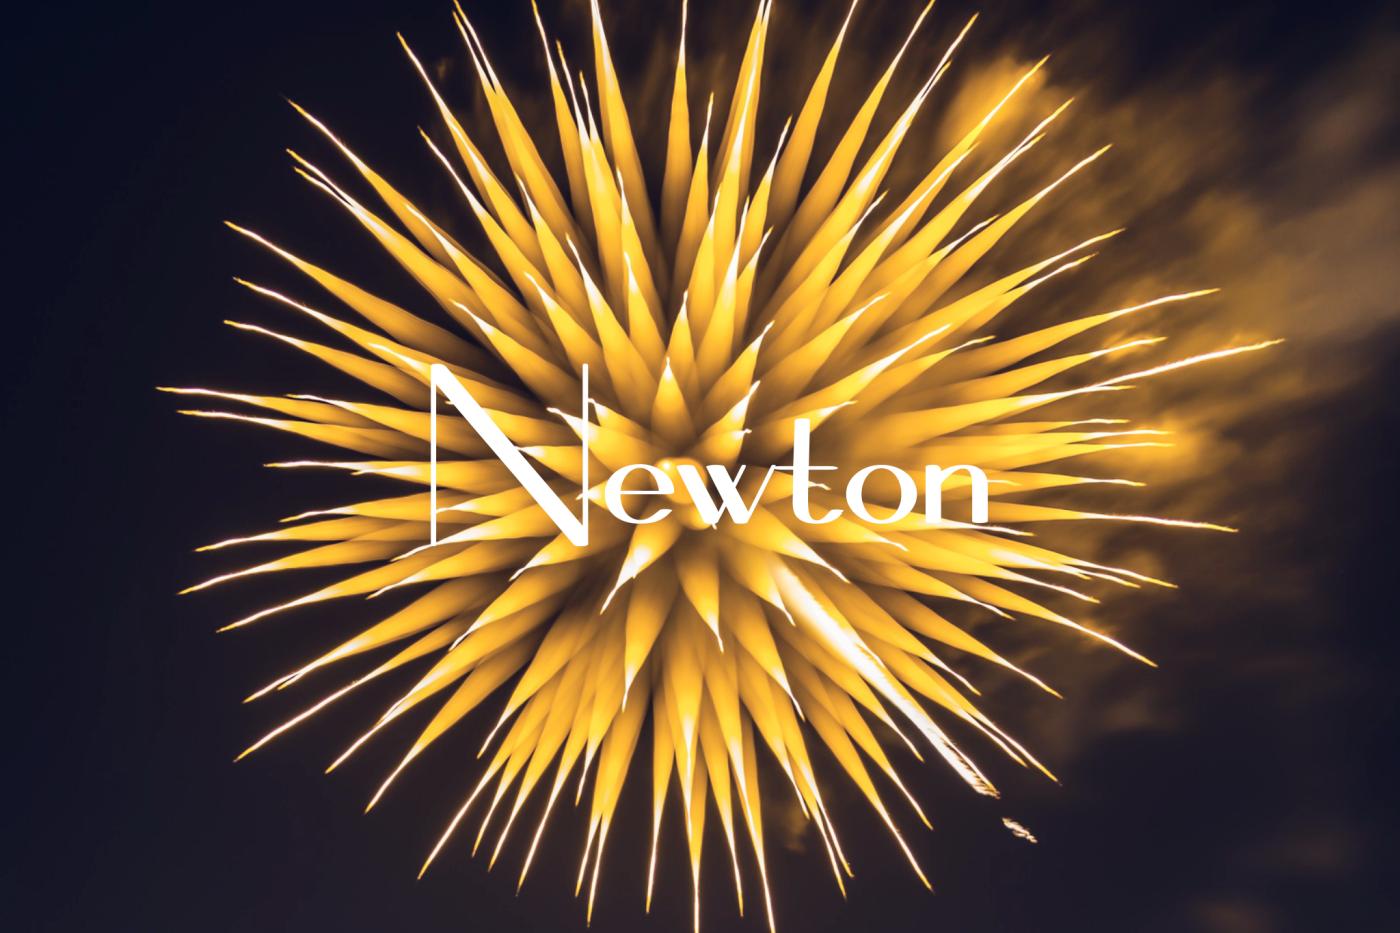 科学雑誌「Newton(ニュートン)」が、自力再建断念!